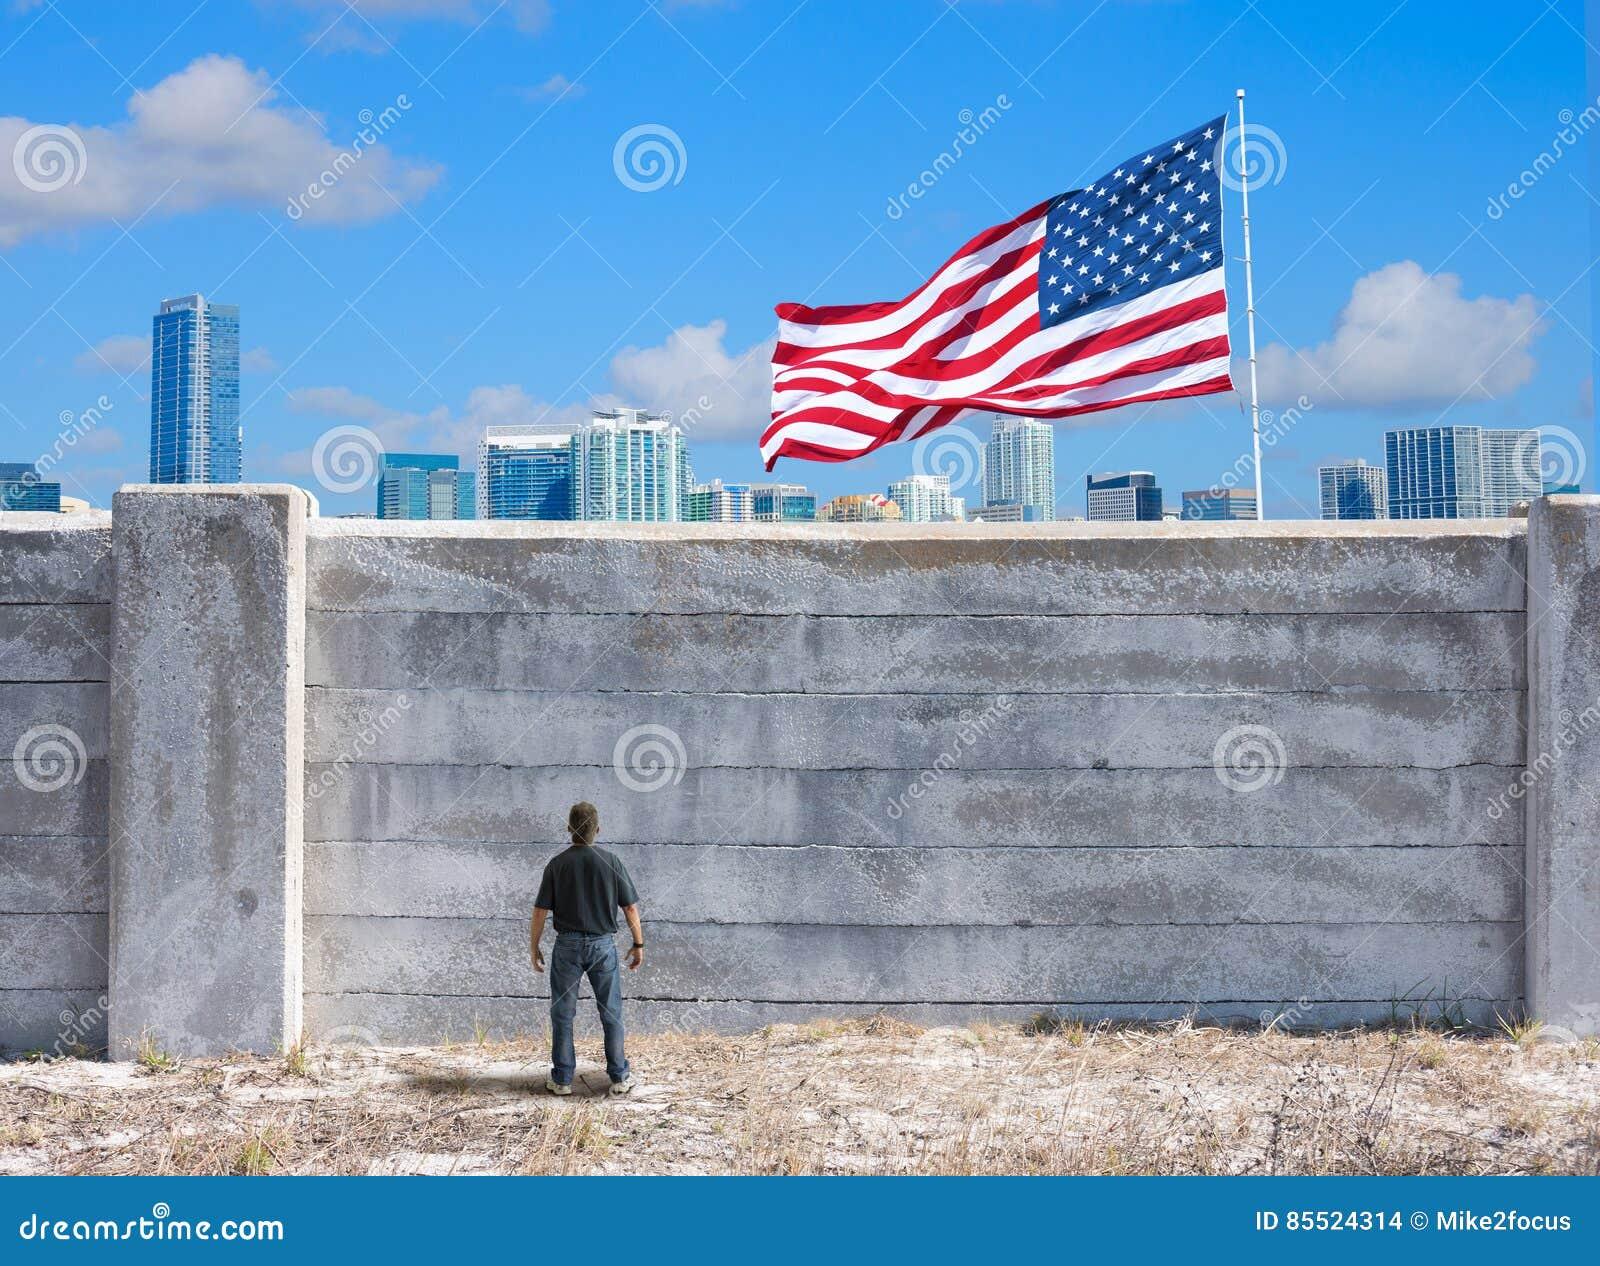 Возможная стена между Соединенными Штатами Америки и Мексикой и миром